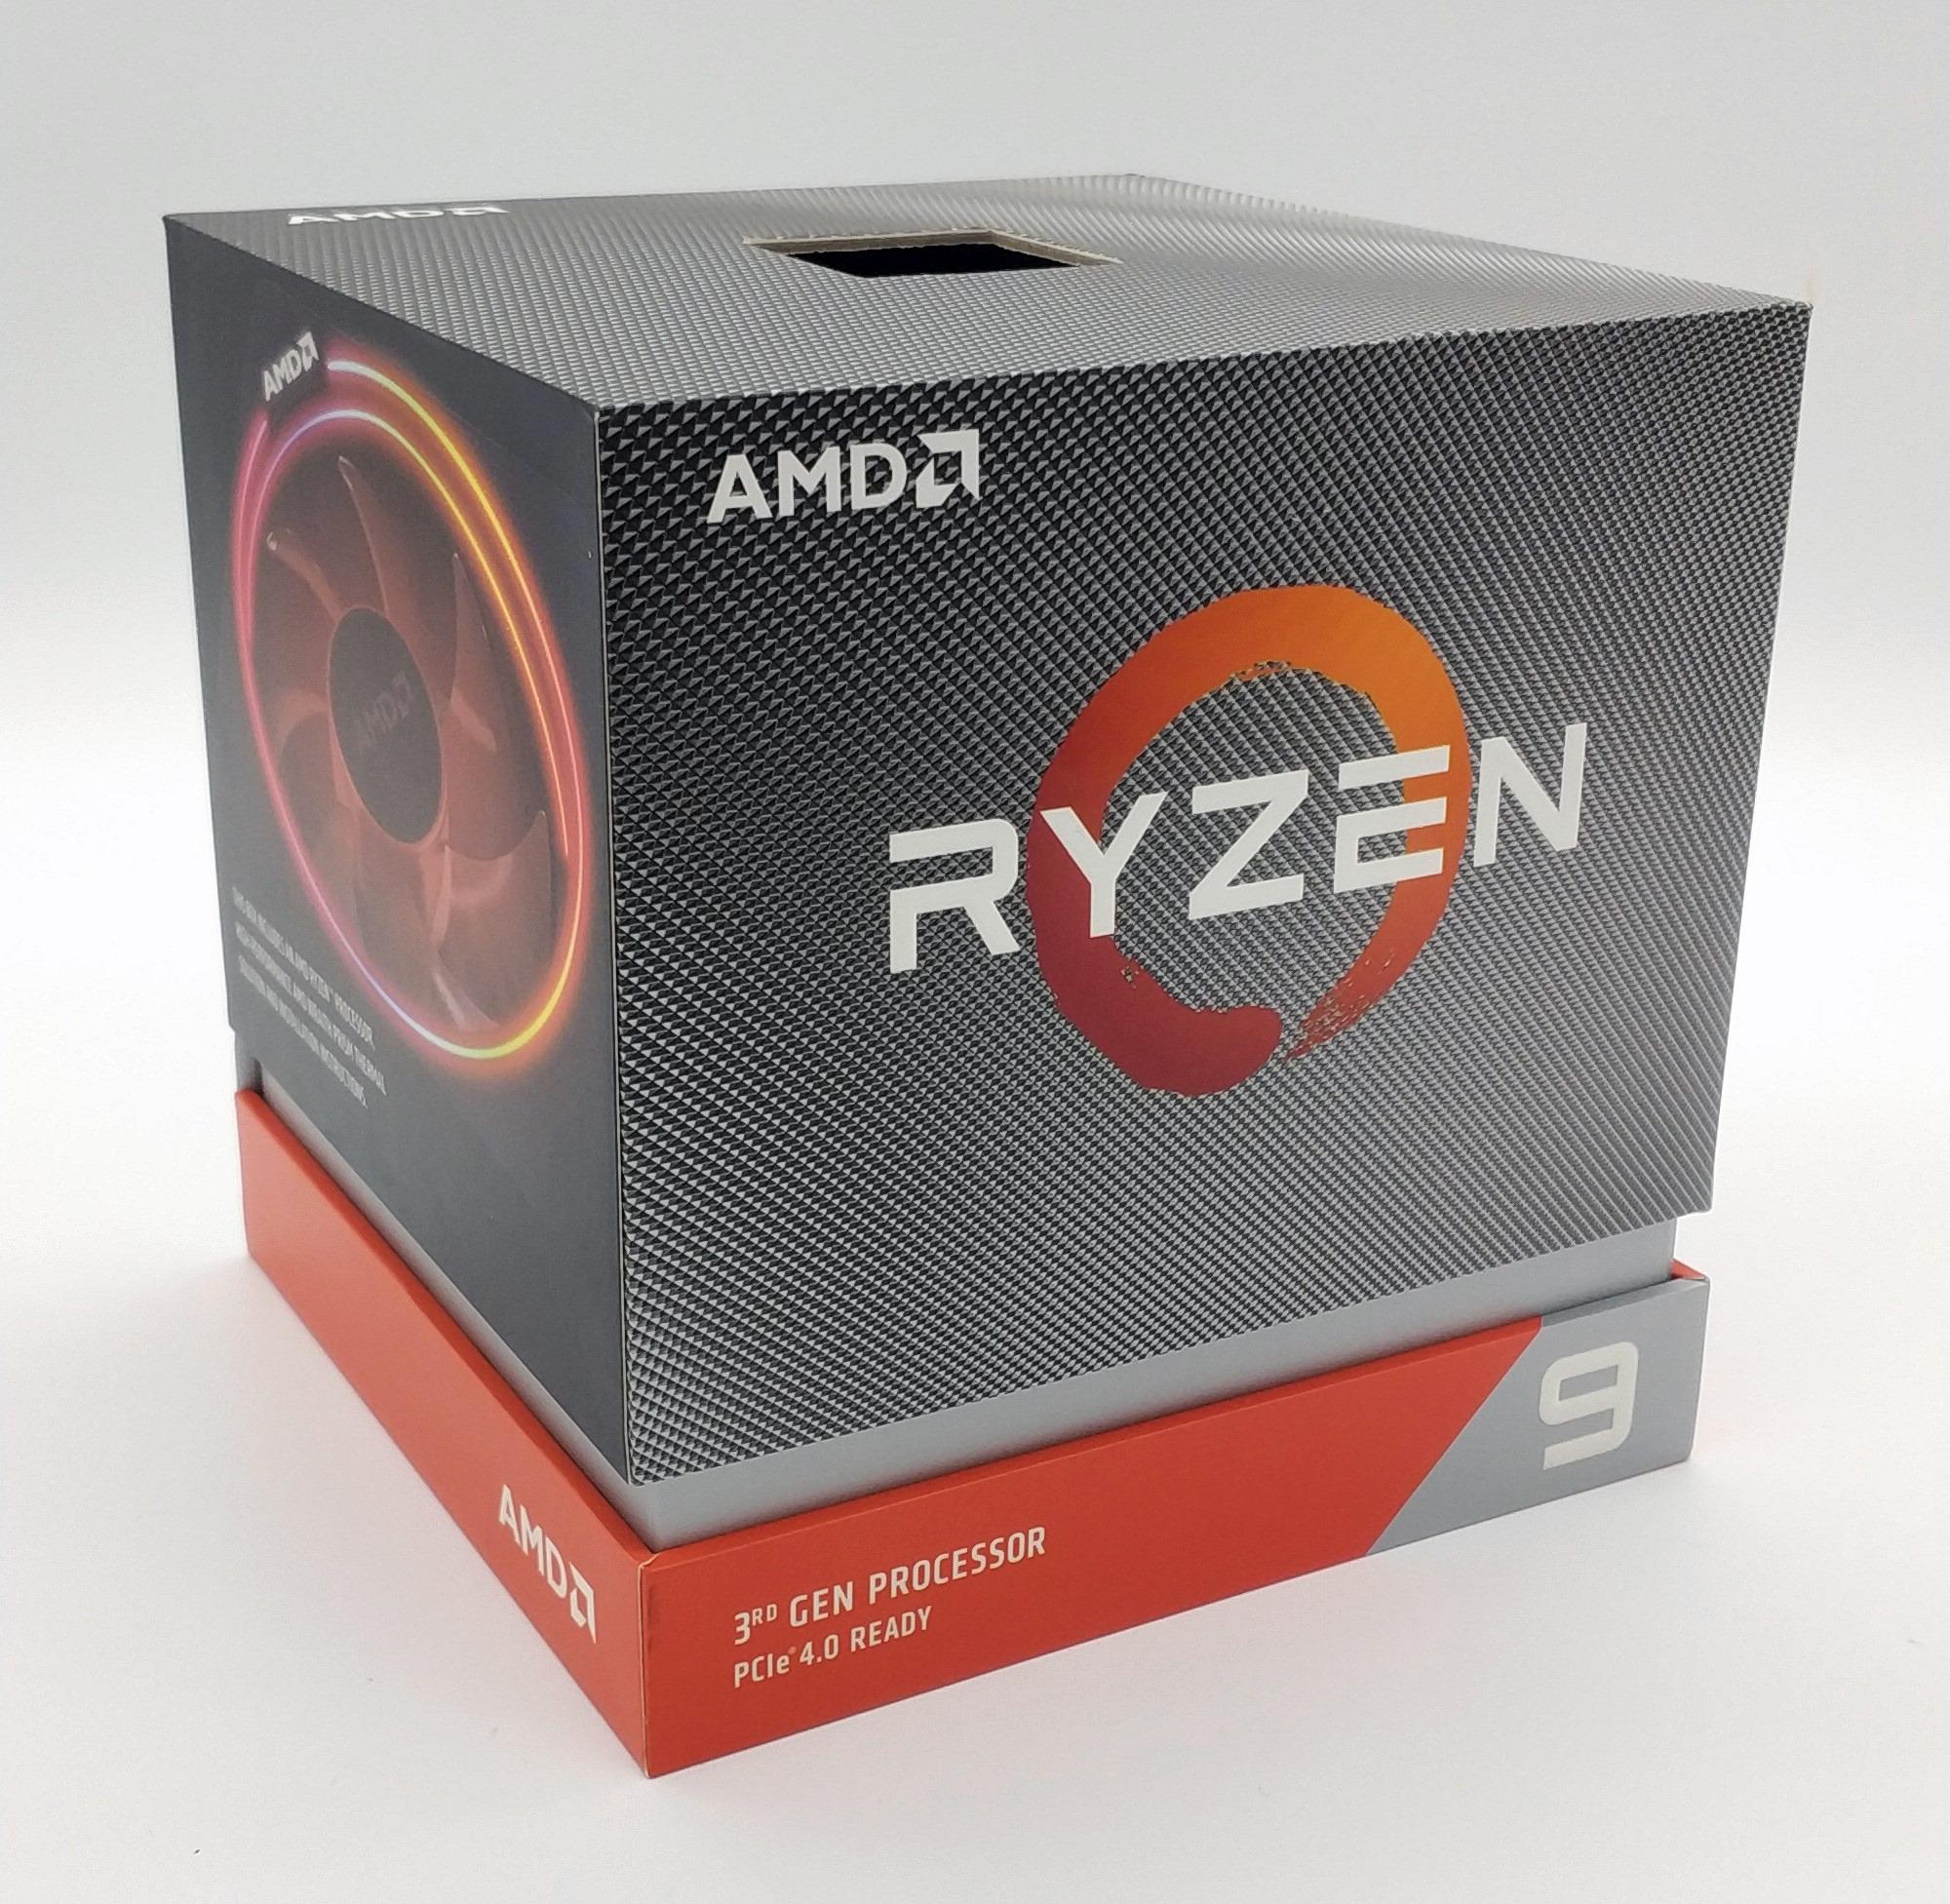 Als nächstes geht es dem Ryzen 9 3900X an die Packung! Im Gegensatz zum Core i9 Intel-Counterpart verzichtet AMD auf eine besondere, auffällige Verpackung bei den High-End CPUs für den Mainstream Sockel, das bleibt wohl den Threadripper-Prozessoren vorbehalten